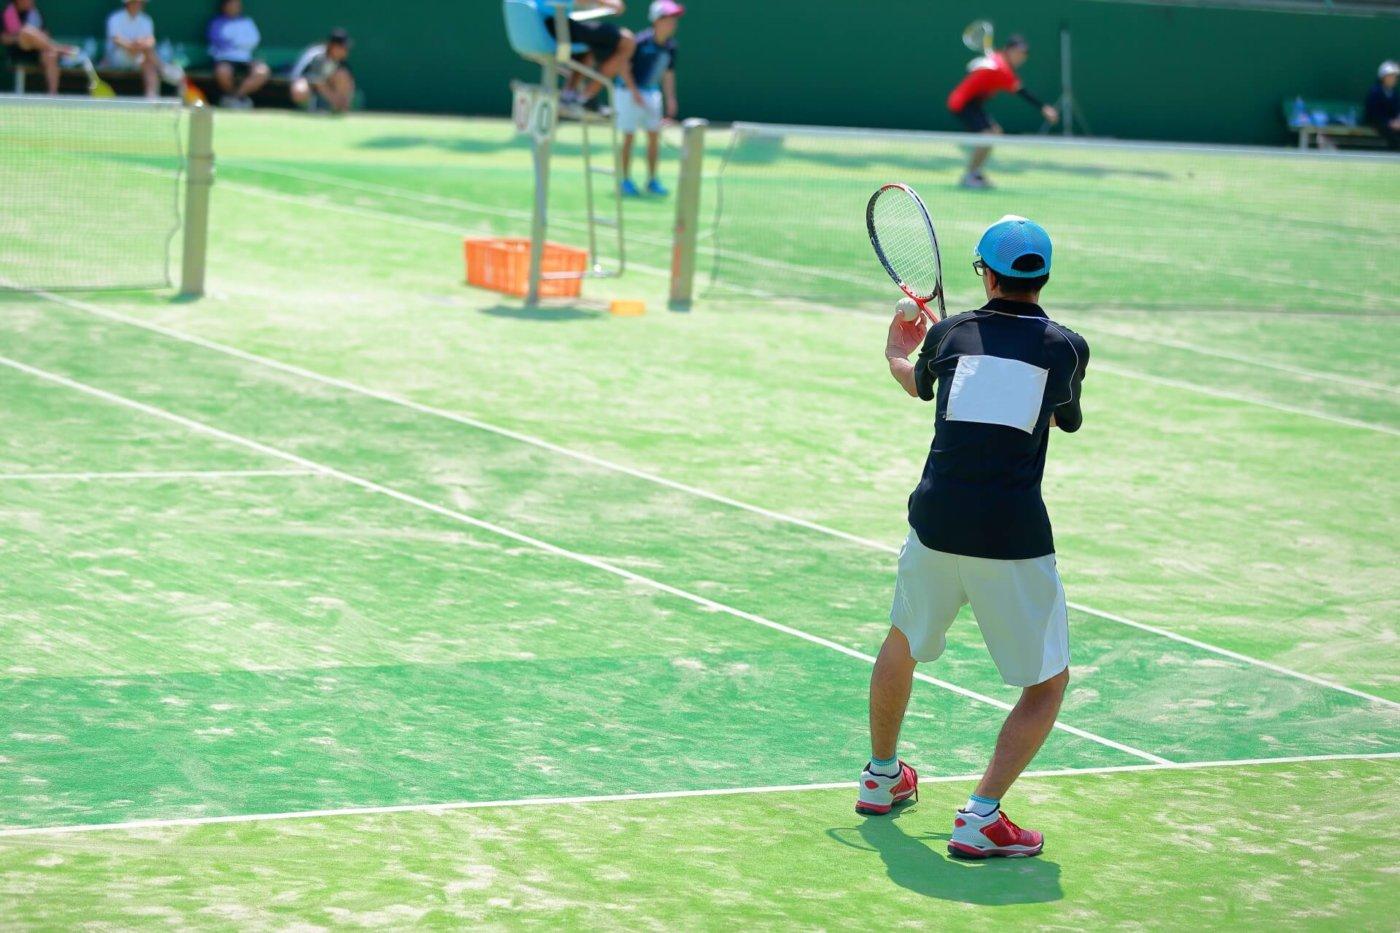 テニスの必需品キャップ